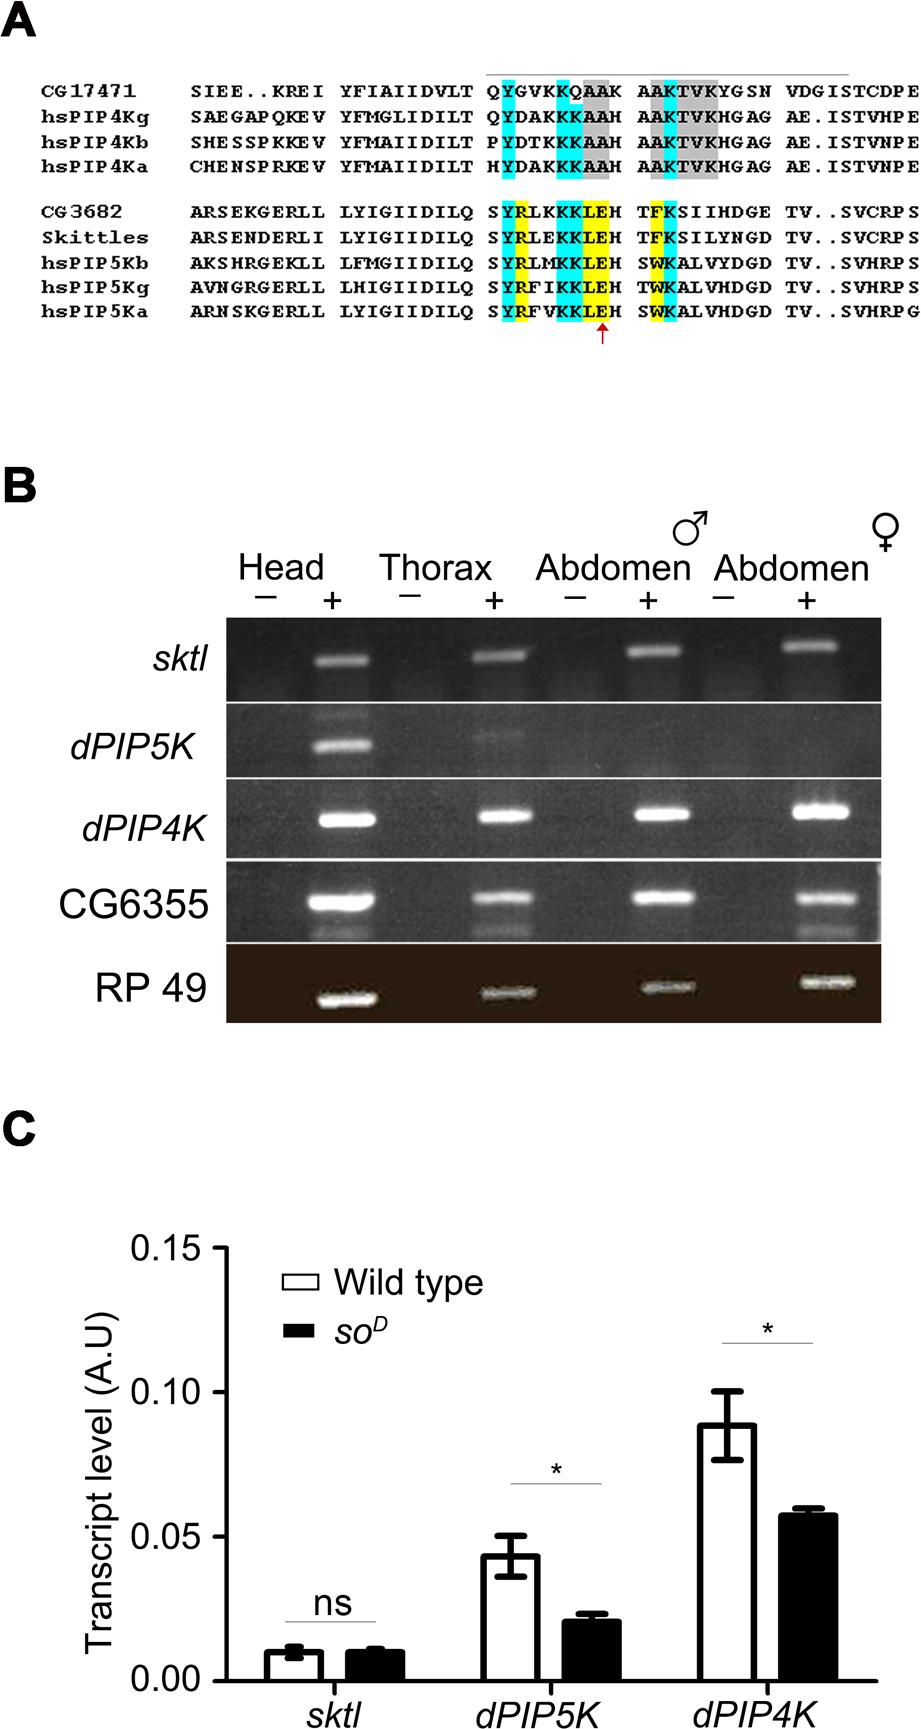 PIP kinase genes in <i>Drosophila</i> genome.